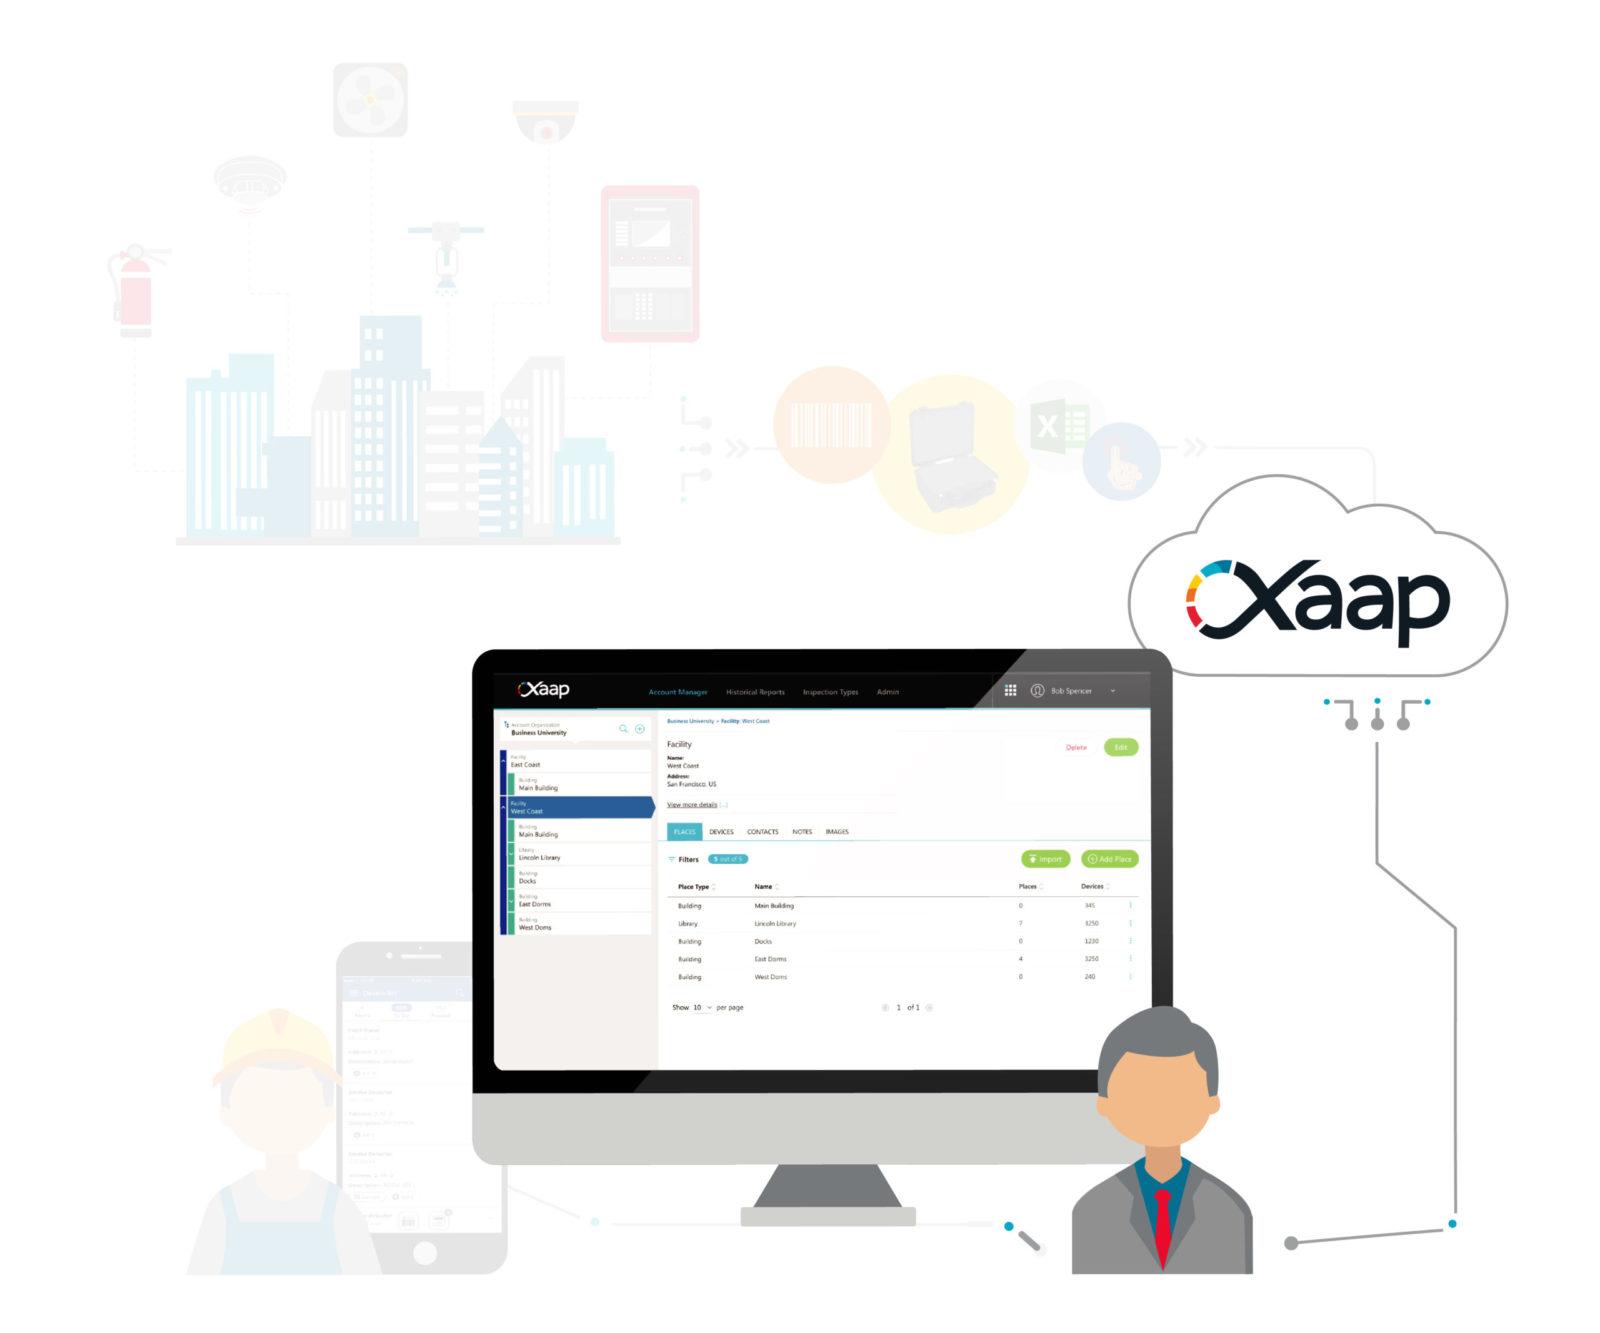 How Xaap works - step 3